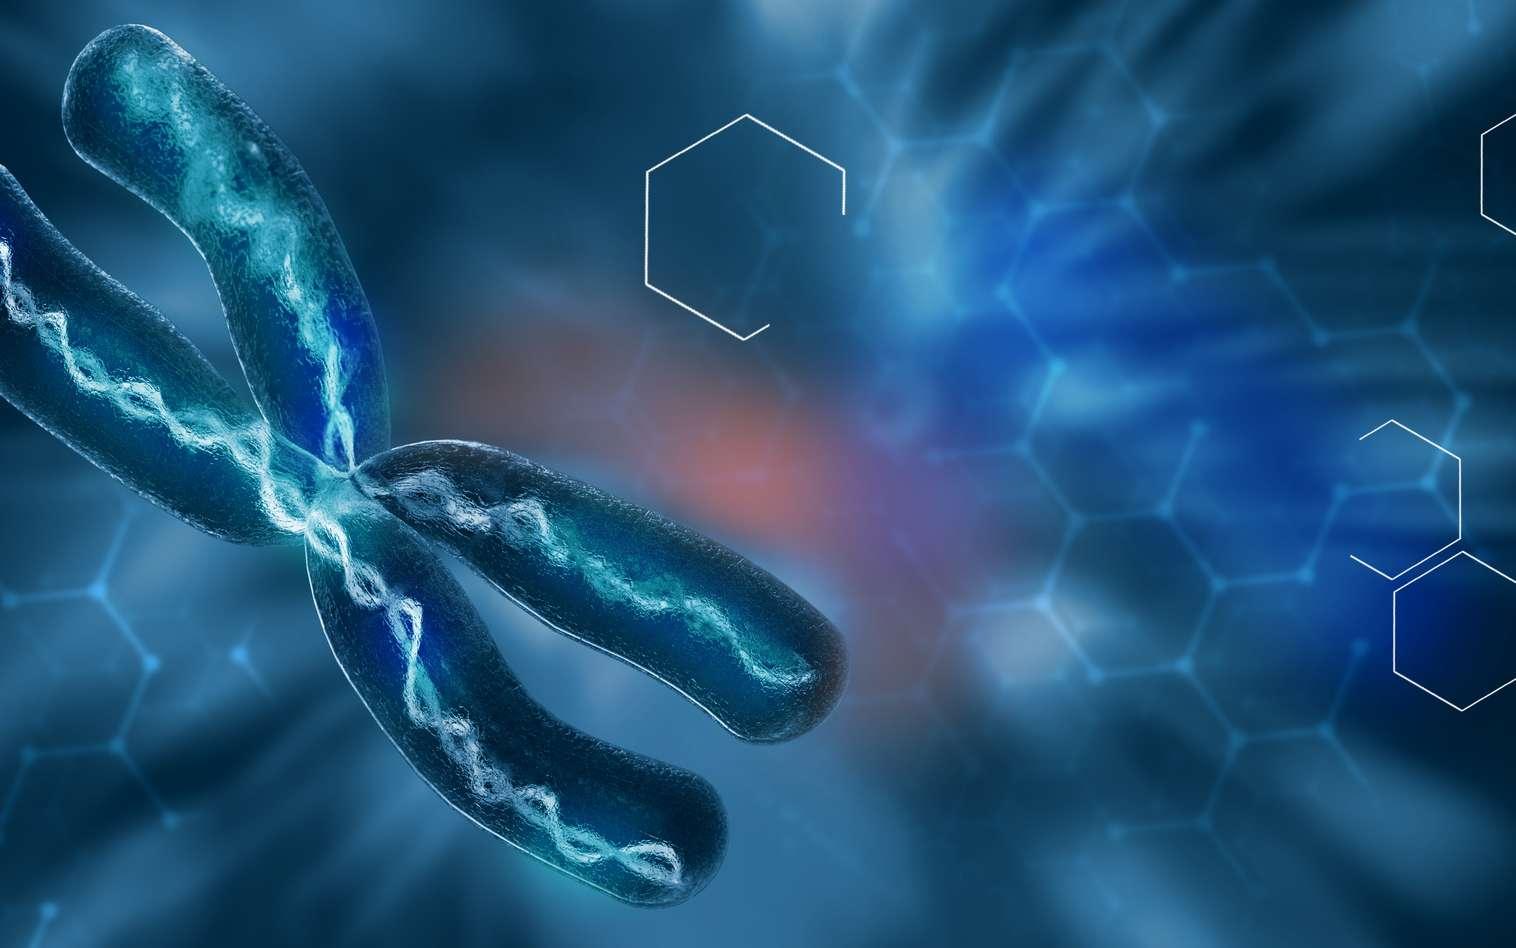 Qu'est-ce que l'aberration chromosomique ? © Giovanni Cancemi, fotolia